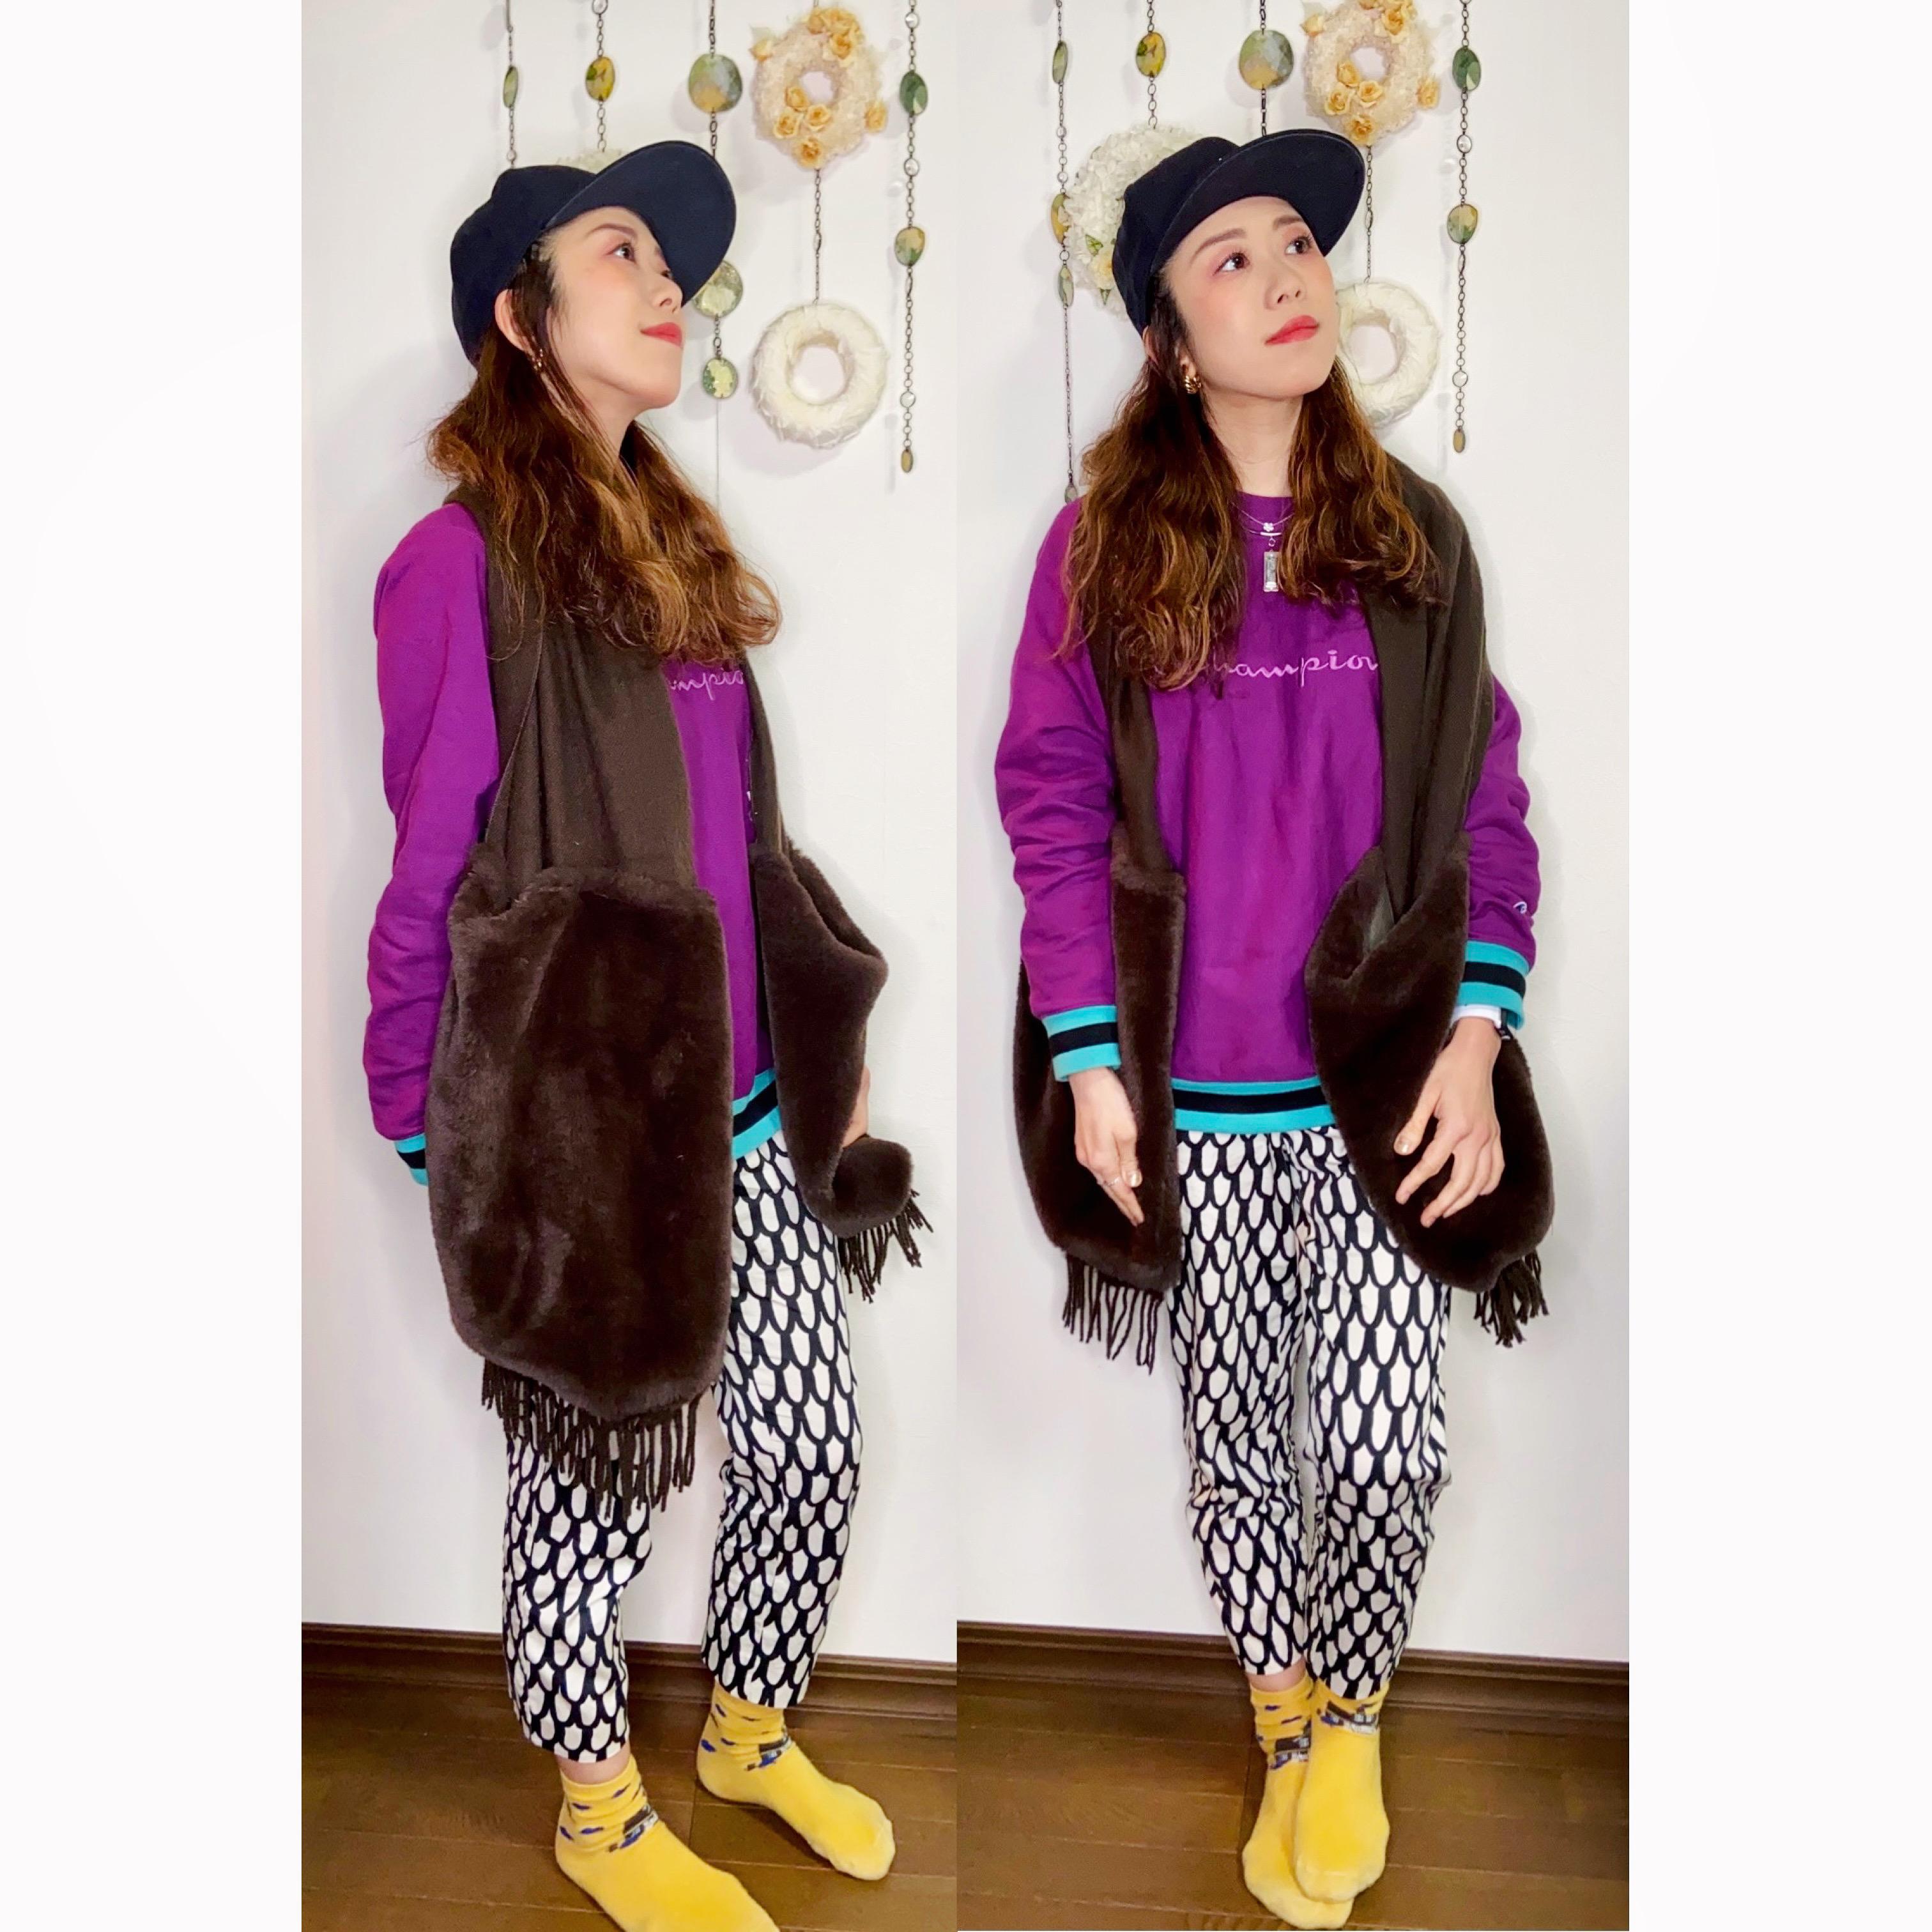 【オンナノコの休日ファッション】2020.11.26【うたうゆきこ】_1